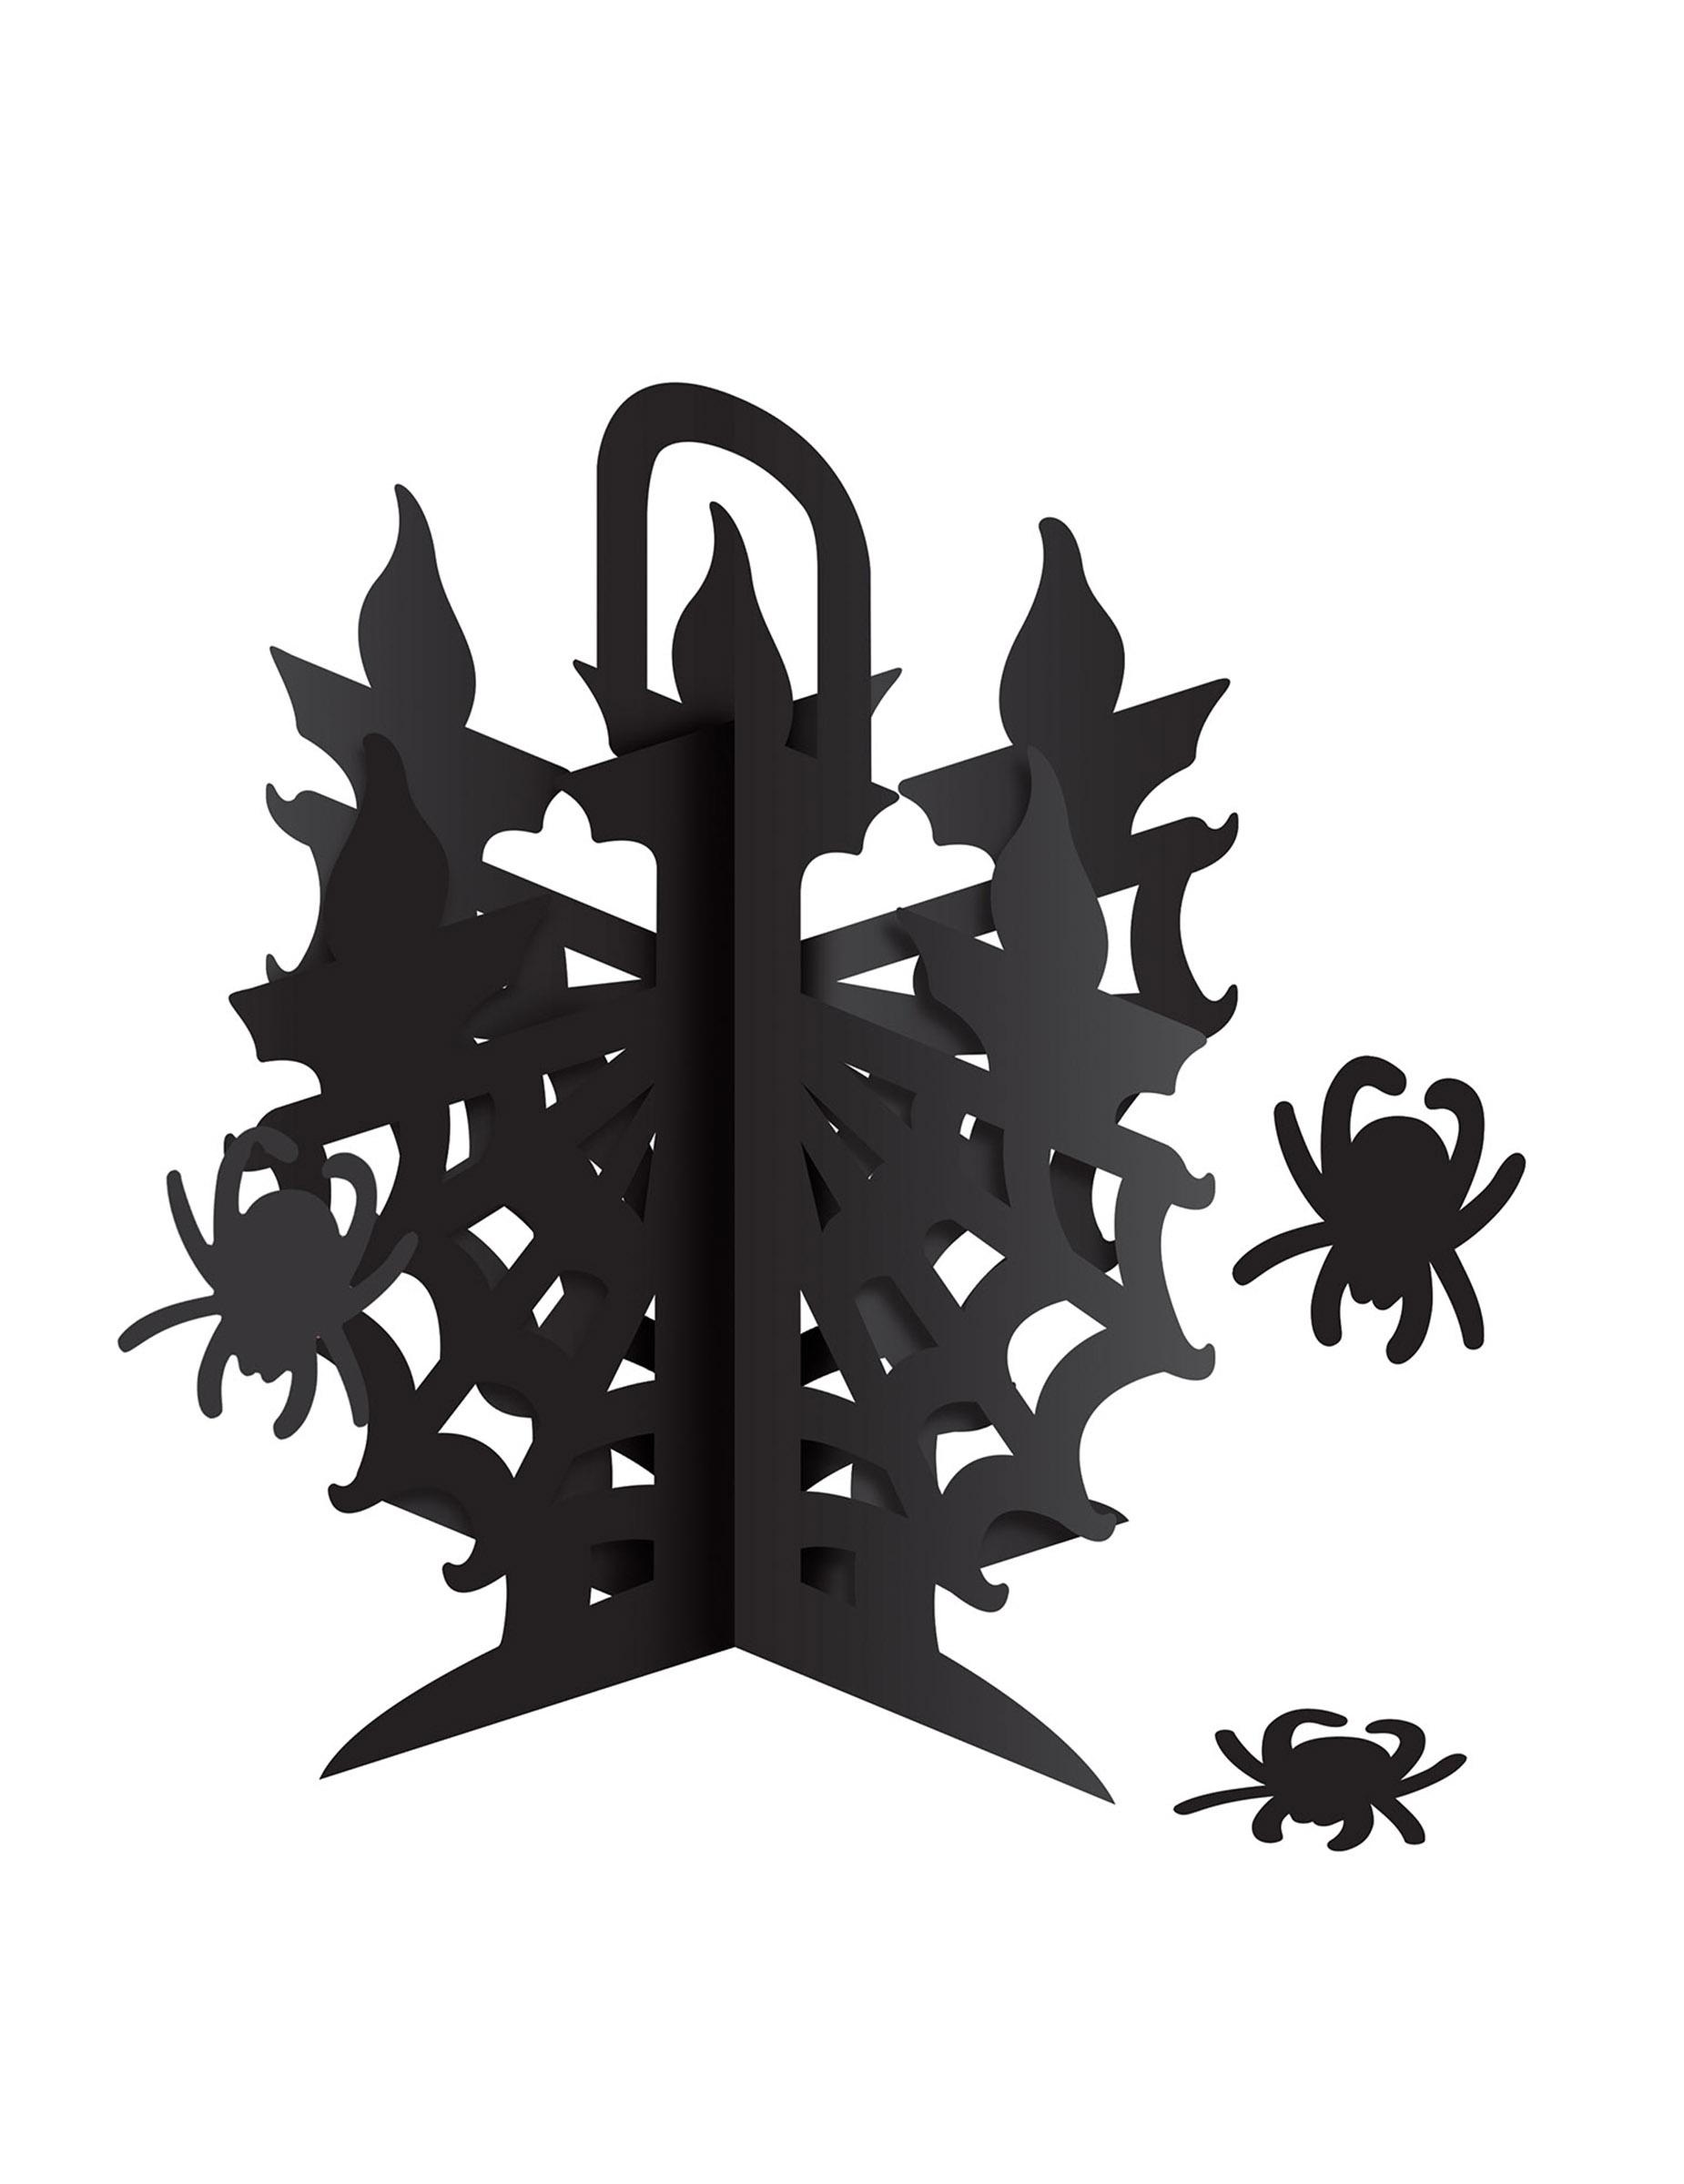 Halloween tischdekoration kerzenleuchter mit spinnen - Tischdekoration halloween ...